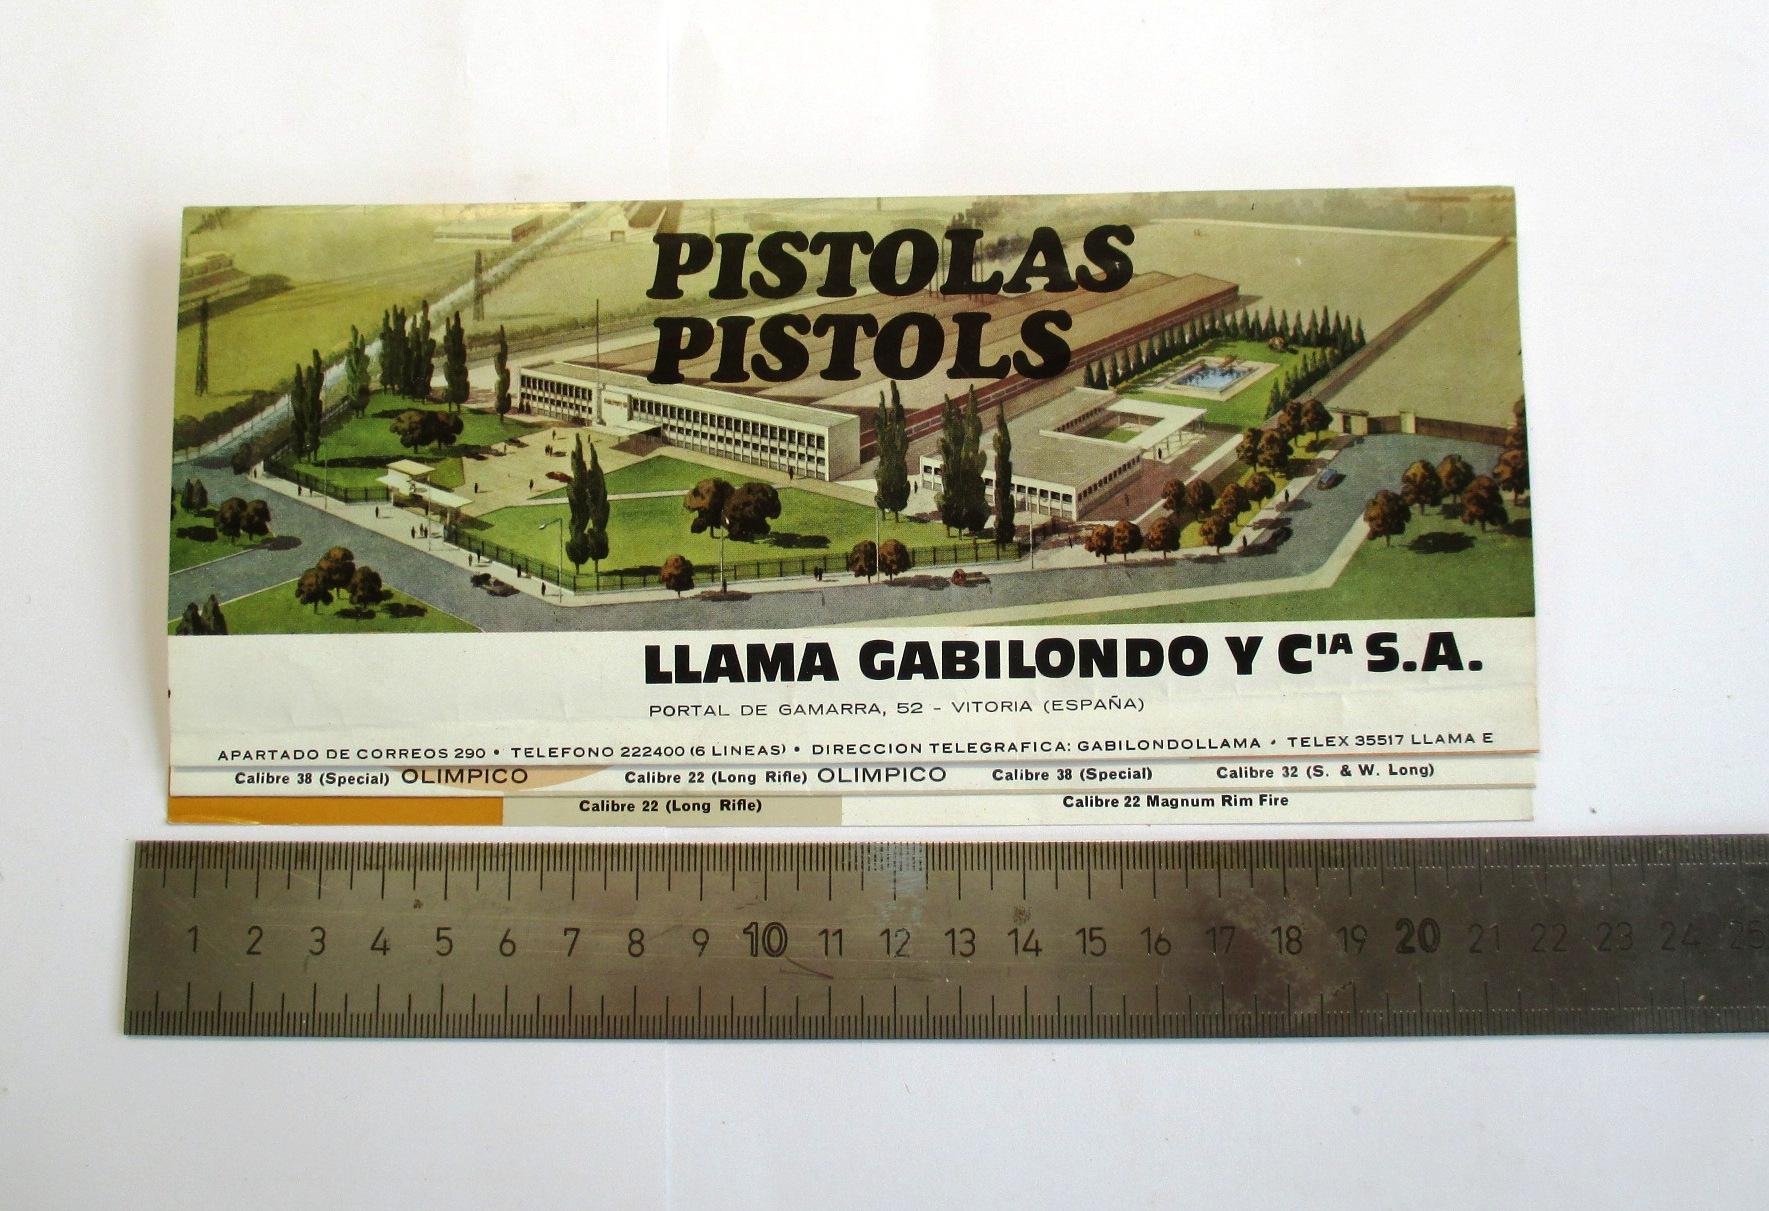 Catálogo de pistolas Llama.